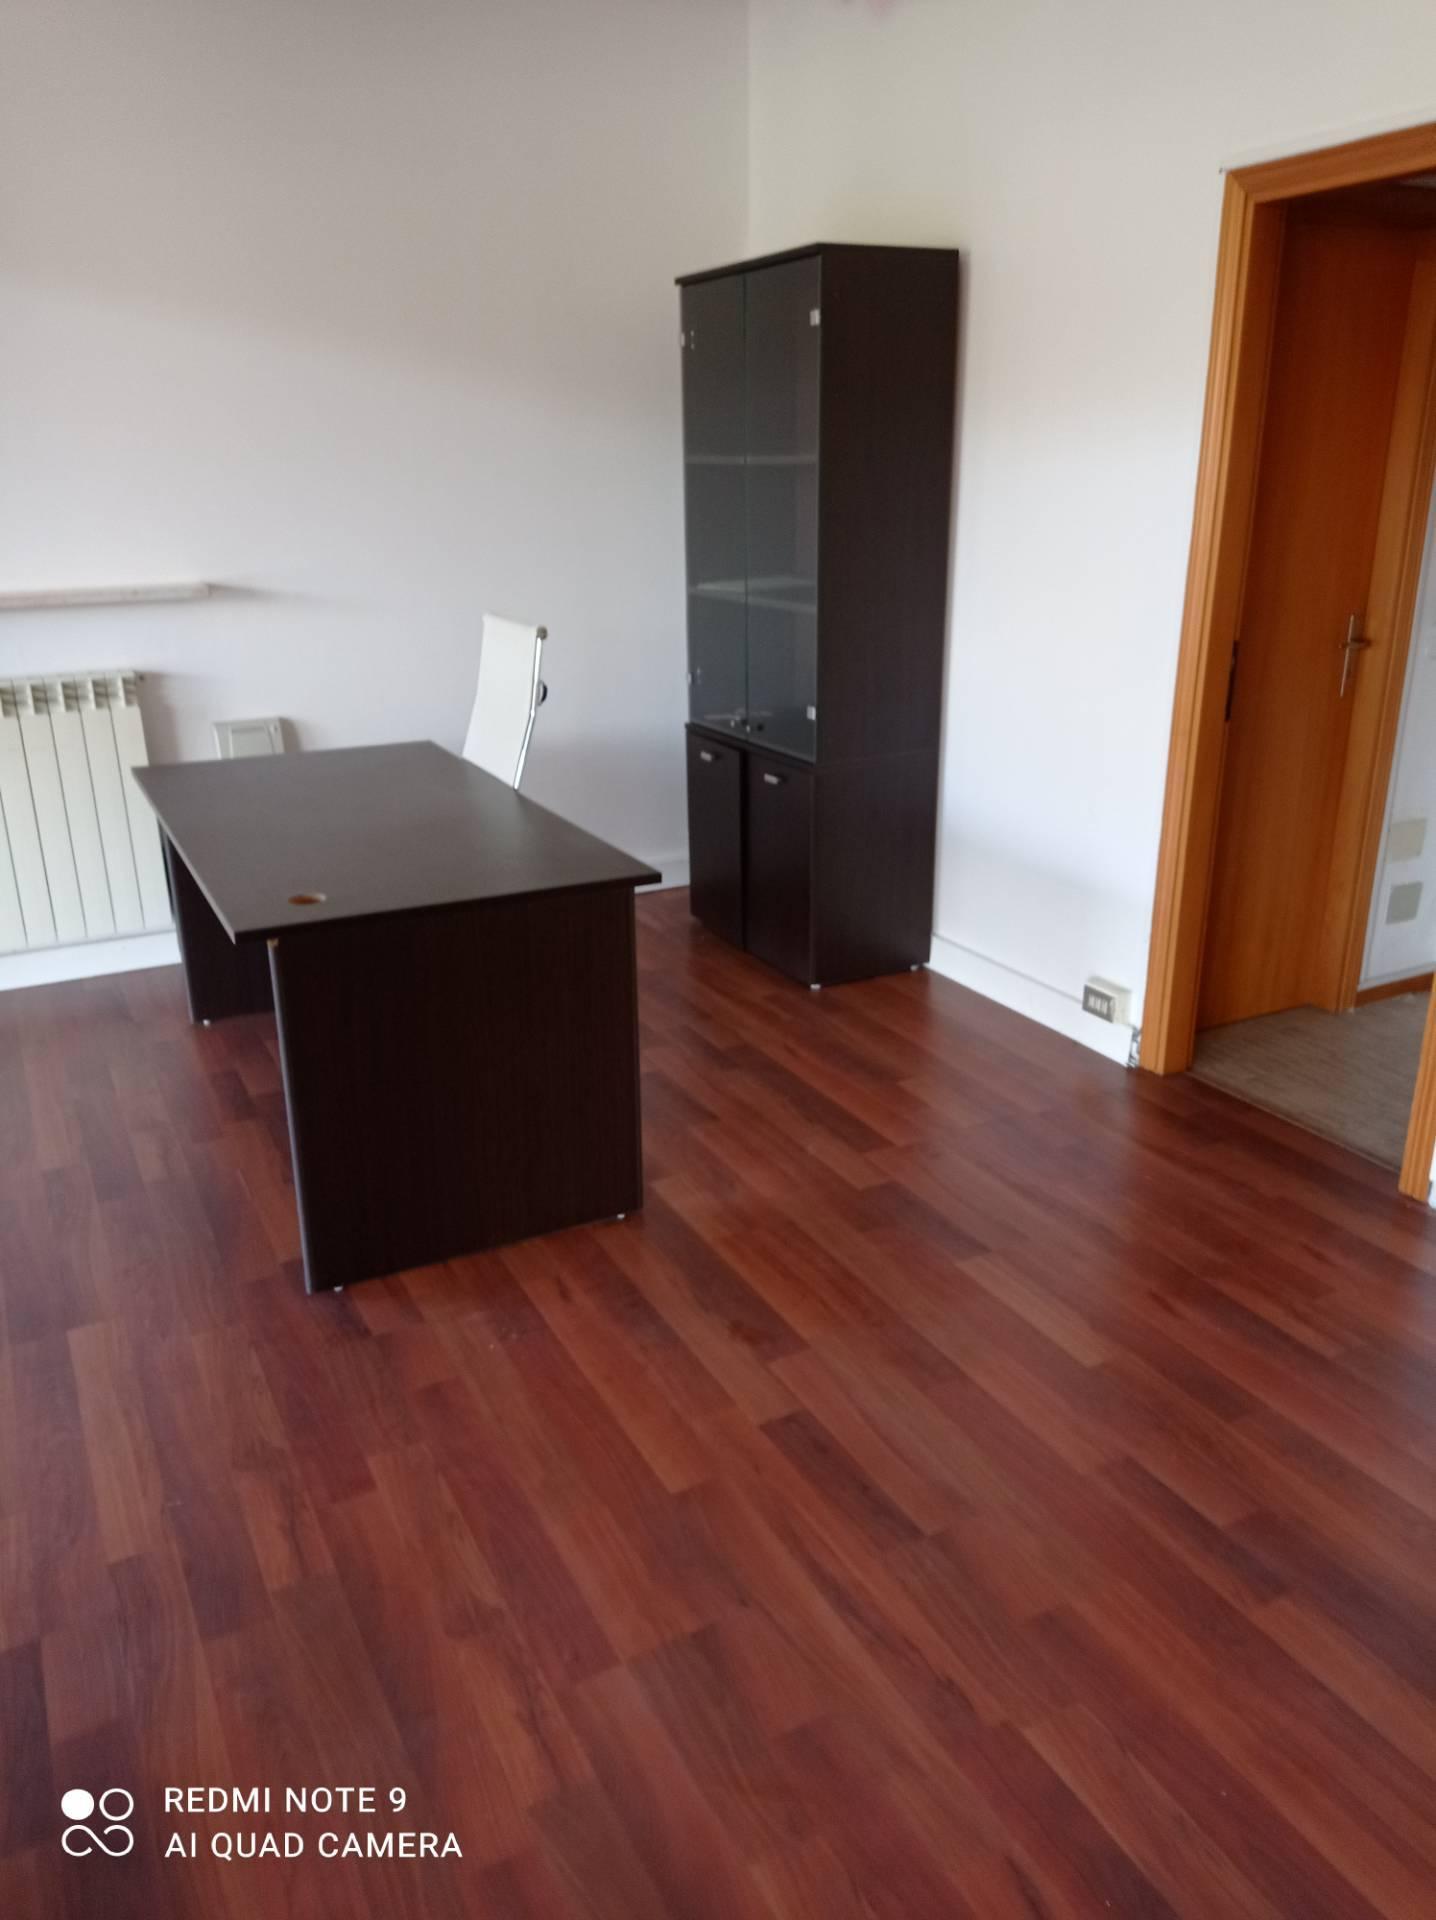 Attività / Licenza in affitto a Bellaria Igea Marina, 9999 locali, zona Zona: Bellaria, prezzo € 600 | CambioCasa.it